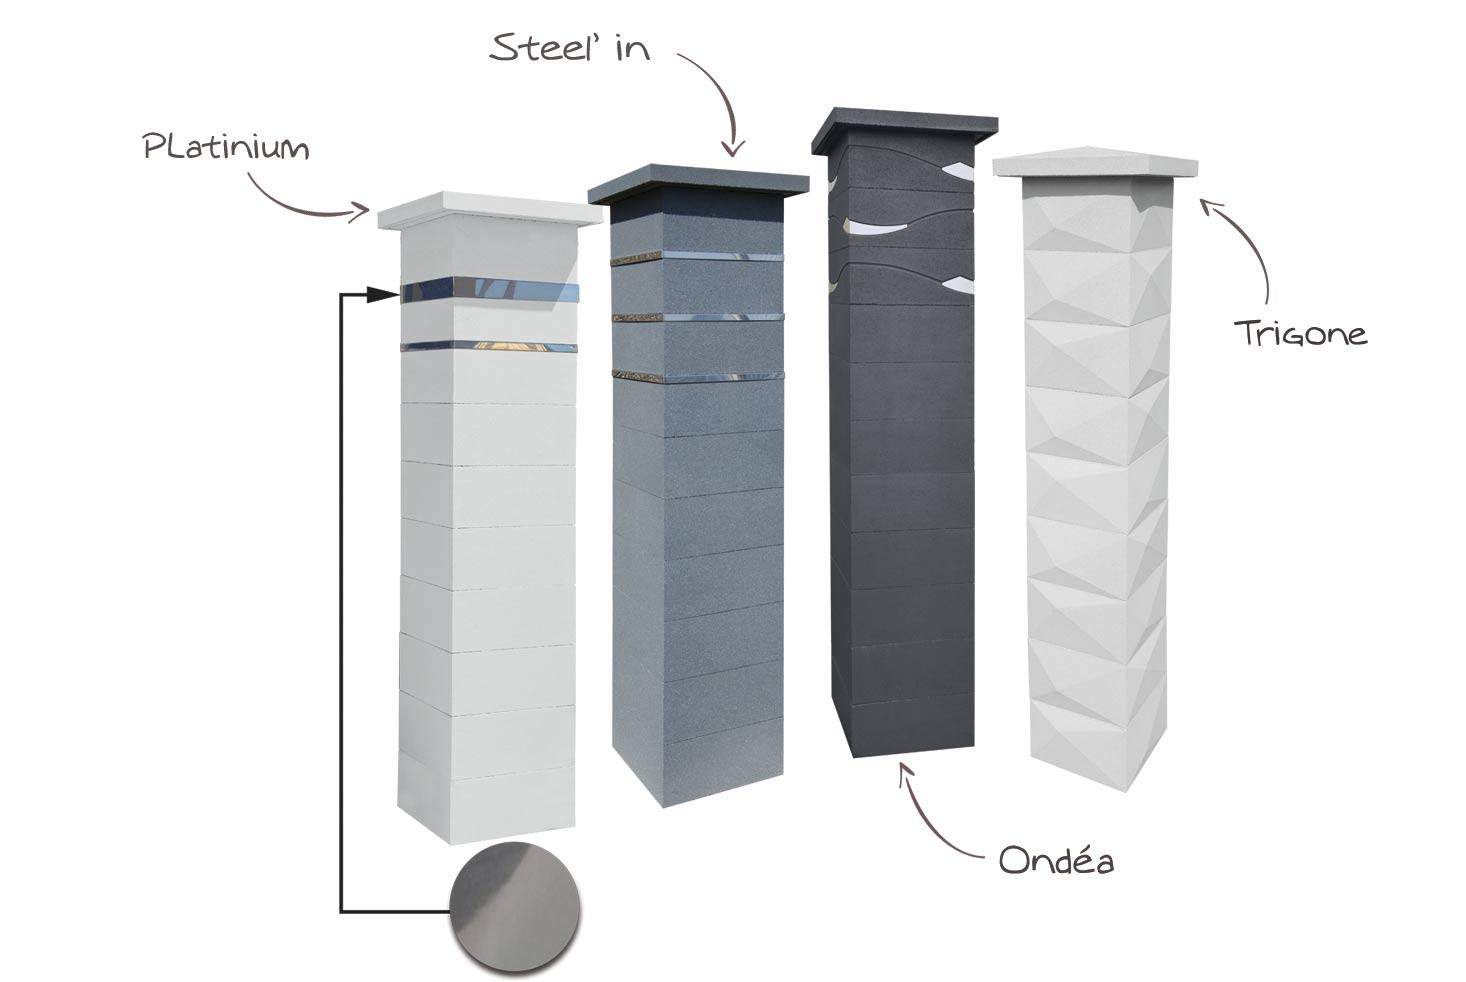 Différents modèles de pilier de portails correspondants au style contemporain. Pilier Platinum, Pilier Steelin, pilier ondéa, pilier trigone WESER